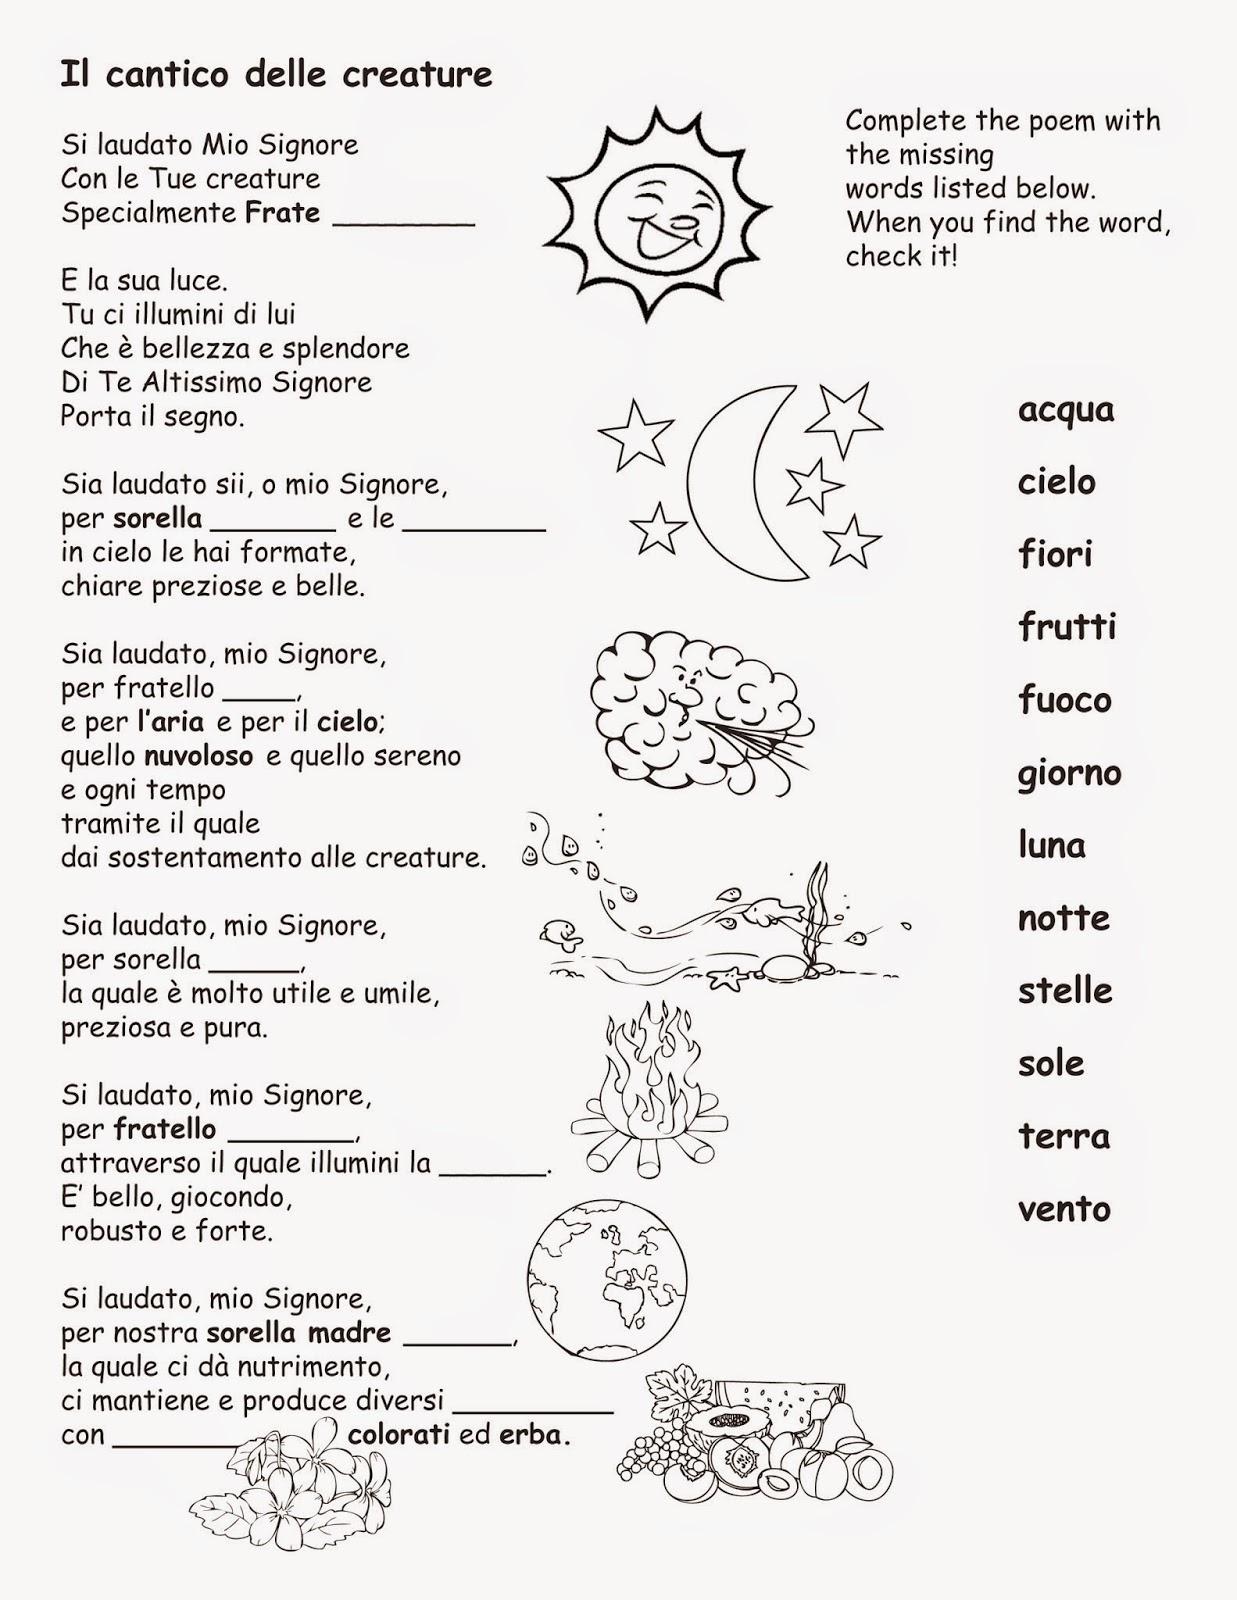 spesso Homework Page: 2014/15 Homework - Grade 5 HA23